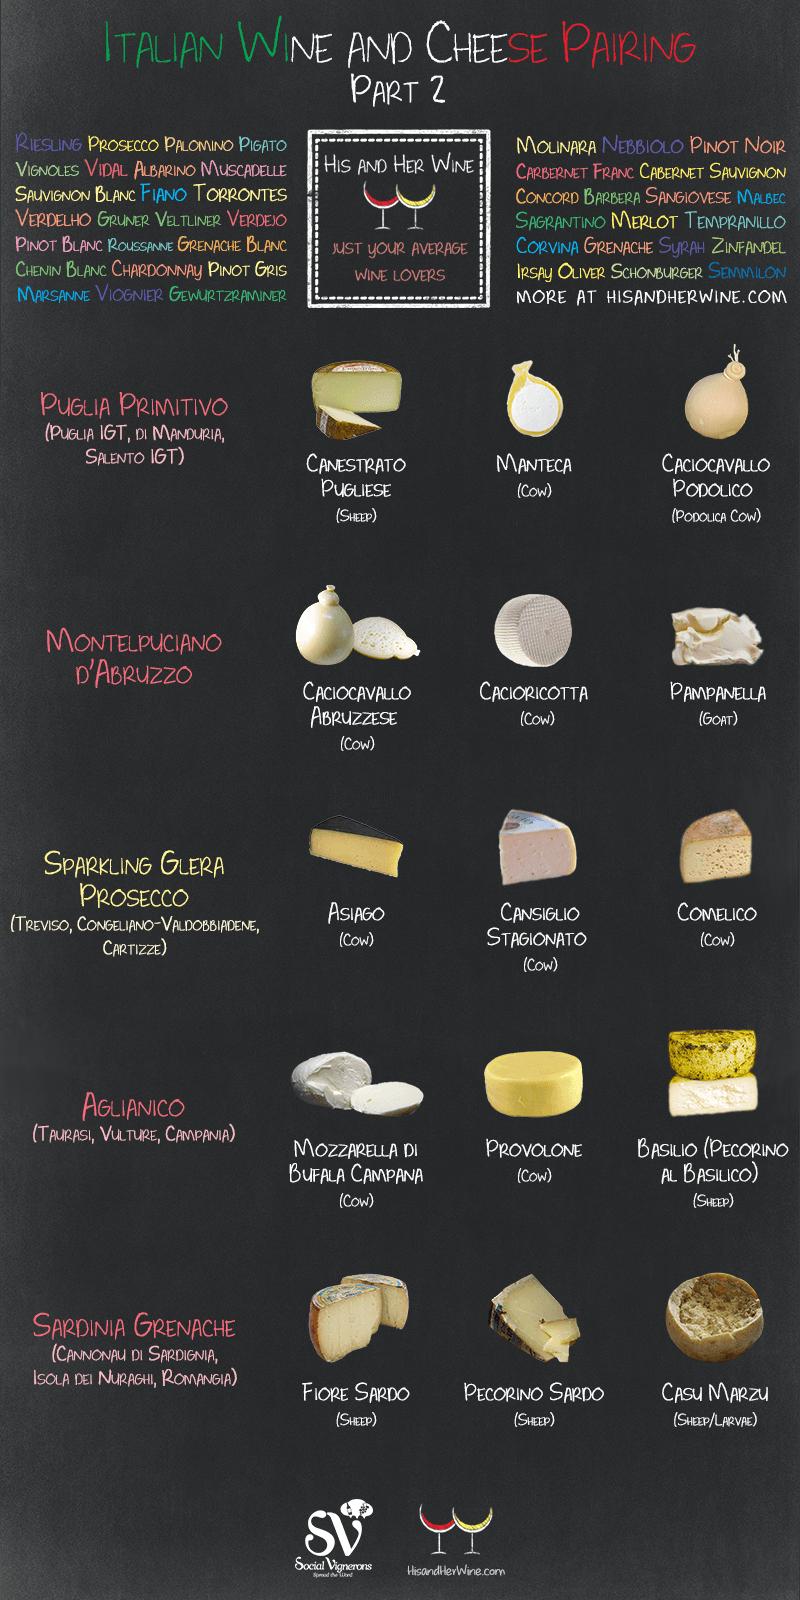 Italian Wine and Cheese Pairing Part 2